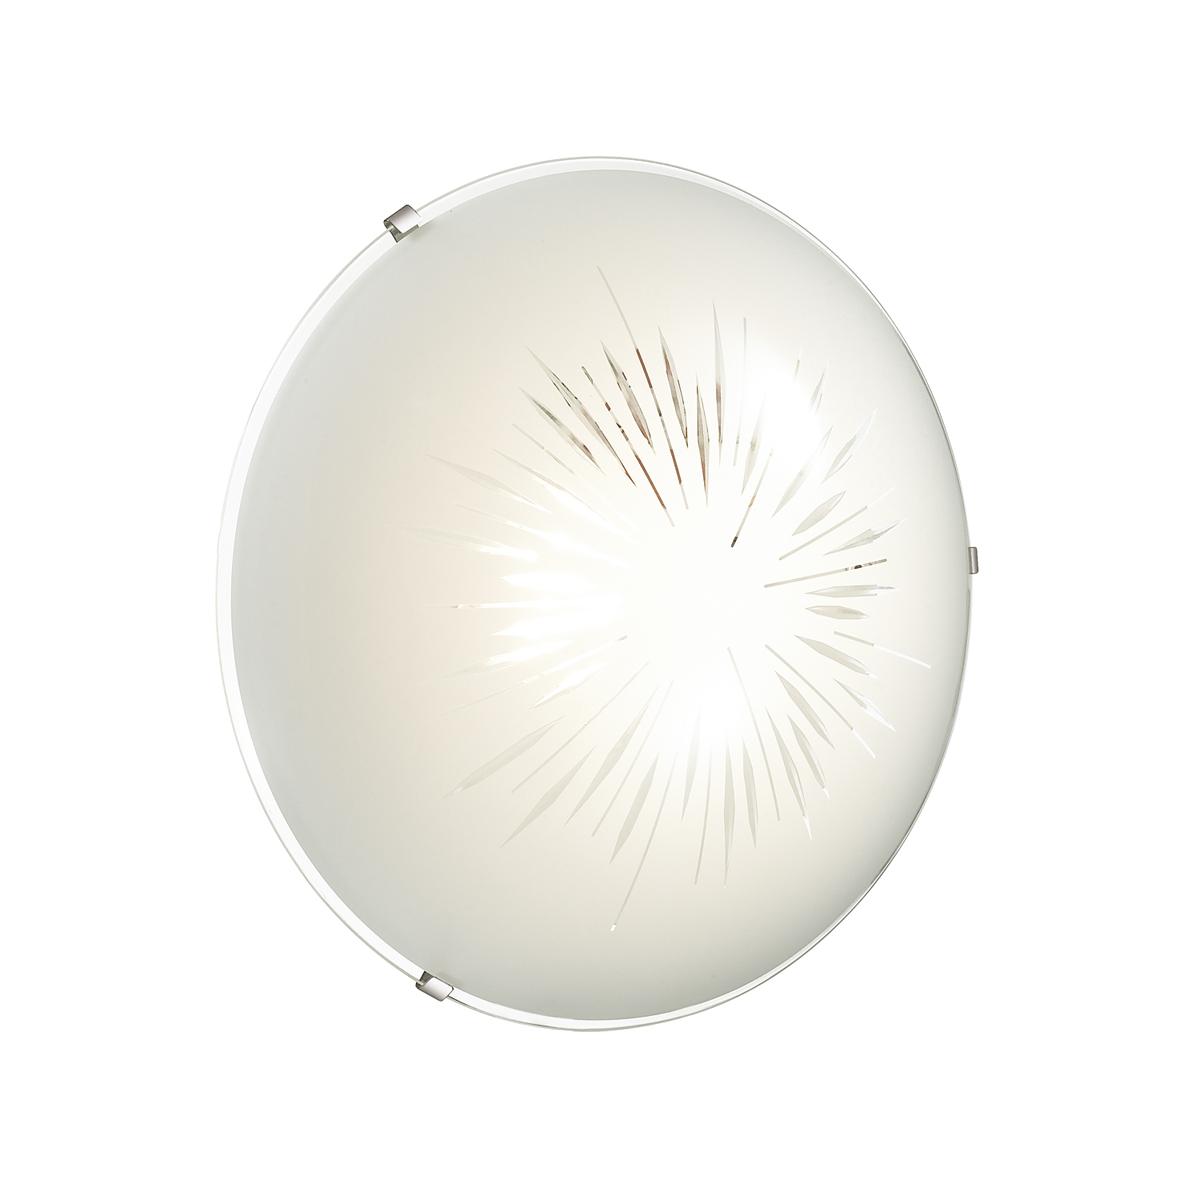 Потолочный светодиодный светильник Sonex Lukka 2064/DL, LED 48W, хром, матовый, прозрачный, металл, стекло - фото 2